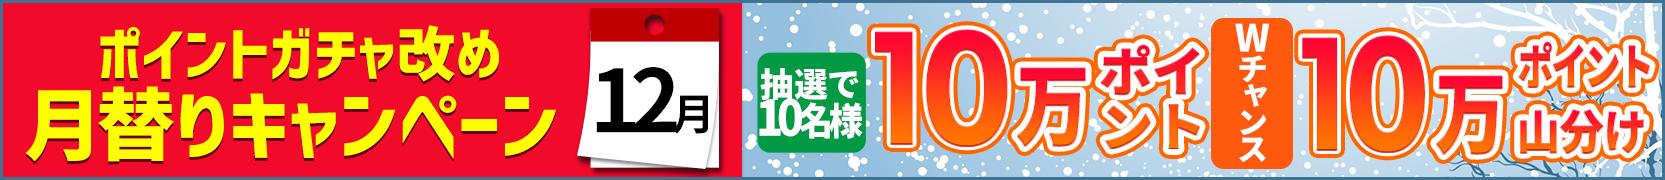 【毎月11日開催】月替りキャンペーン(12月)